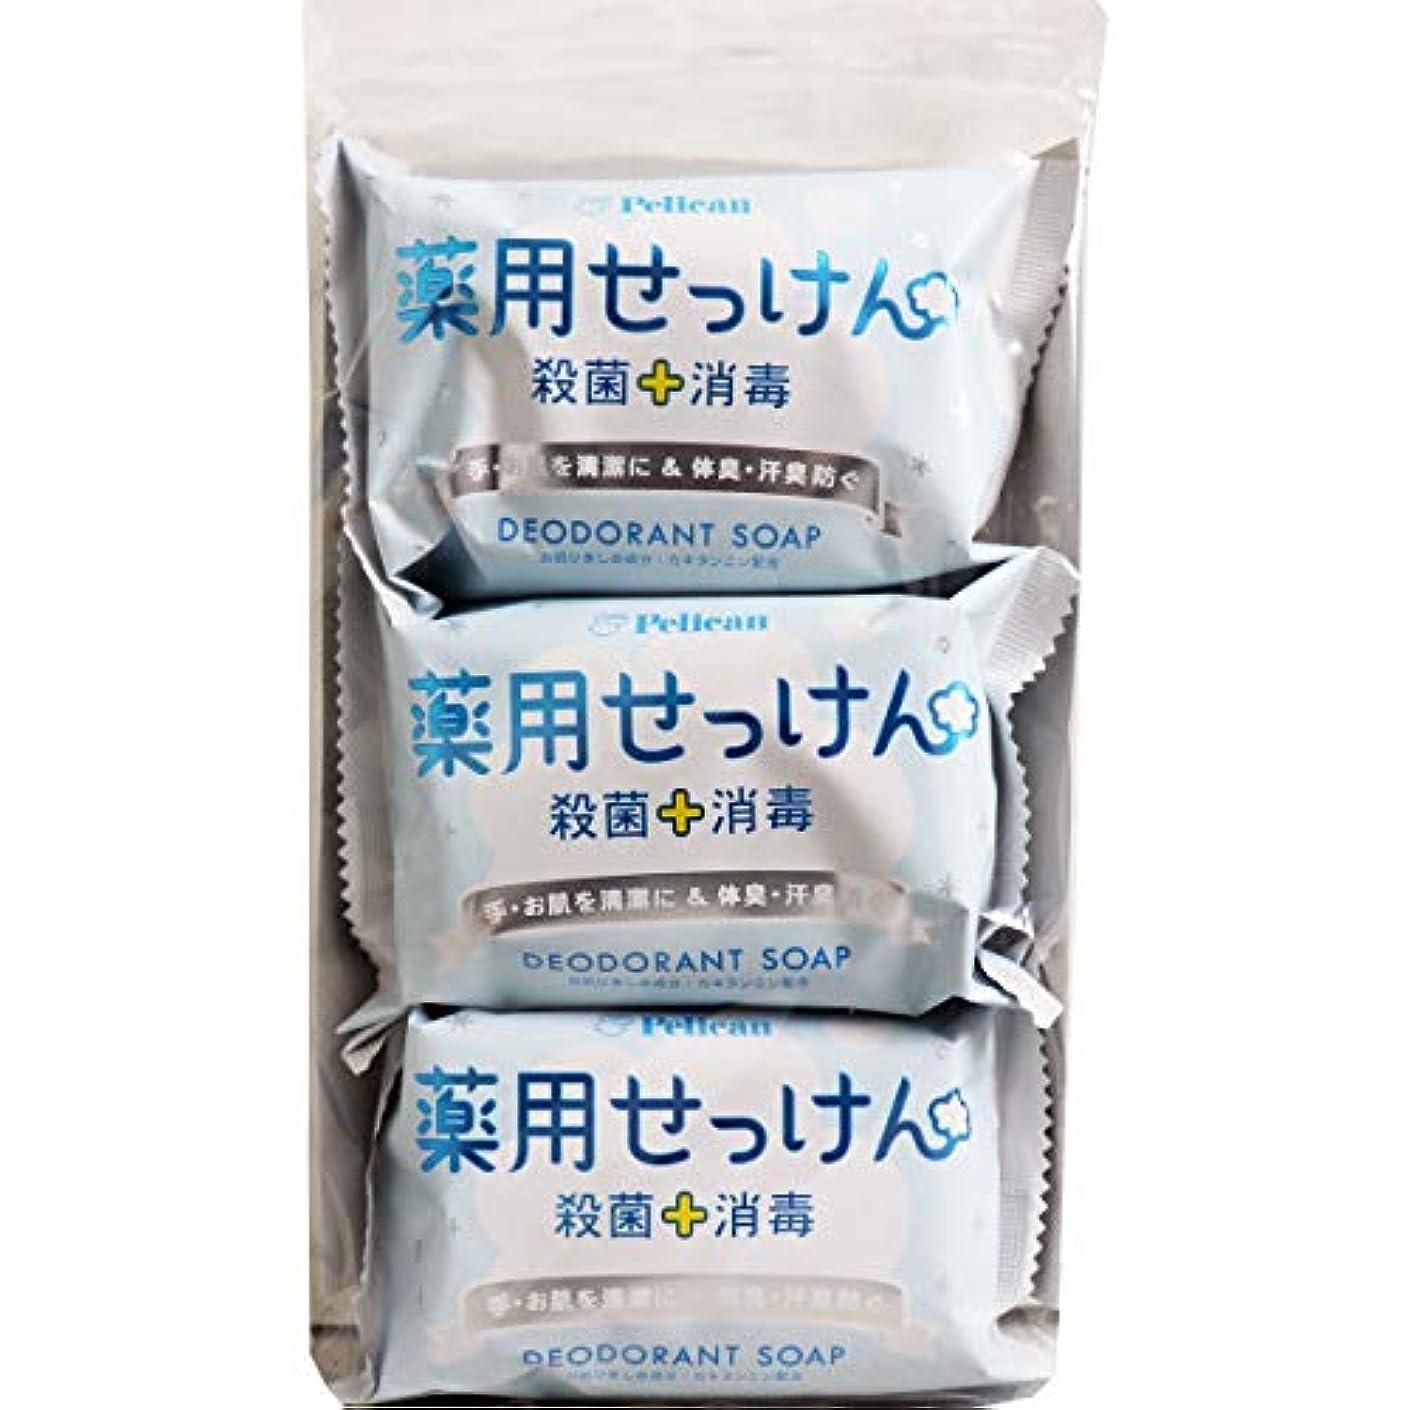 切り下げイースター段階ペリカン石鹸 薬用石けん 85g×3個×4パック